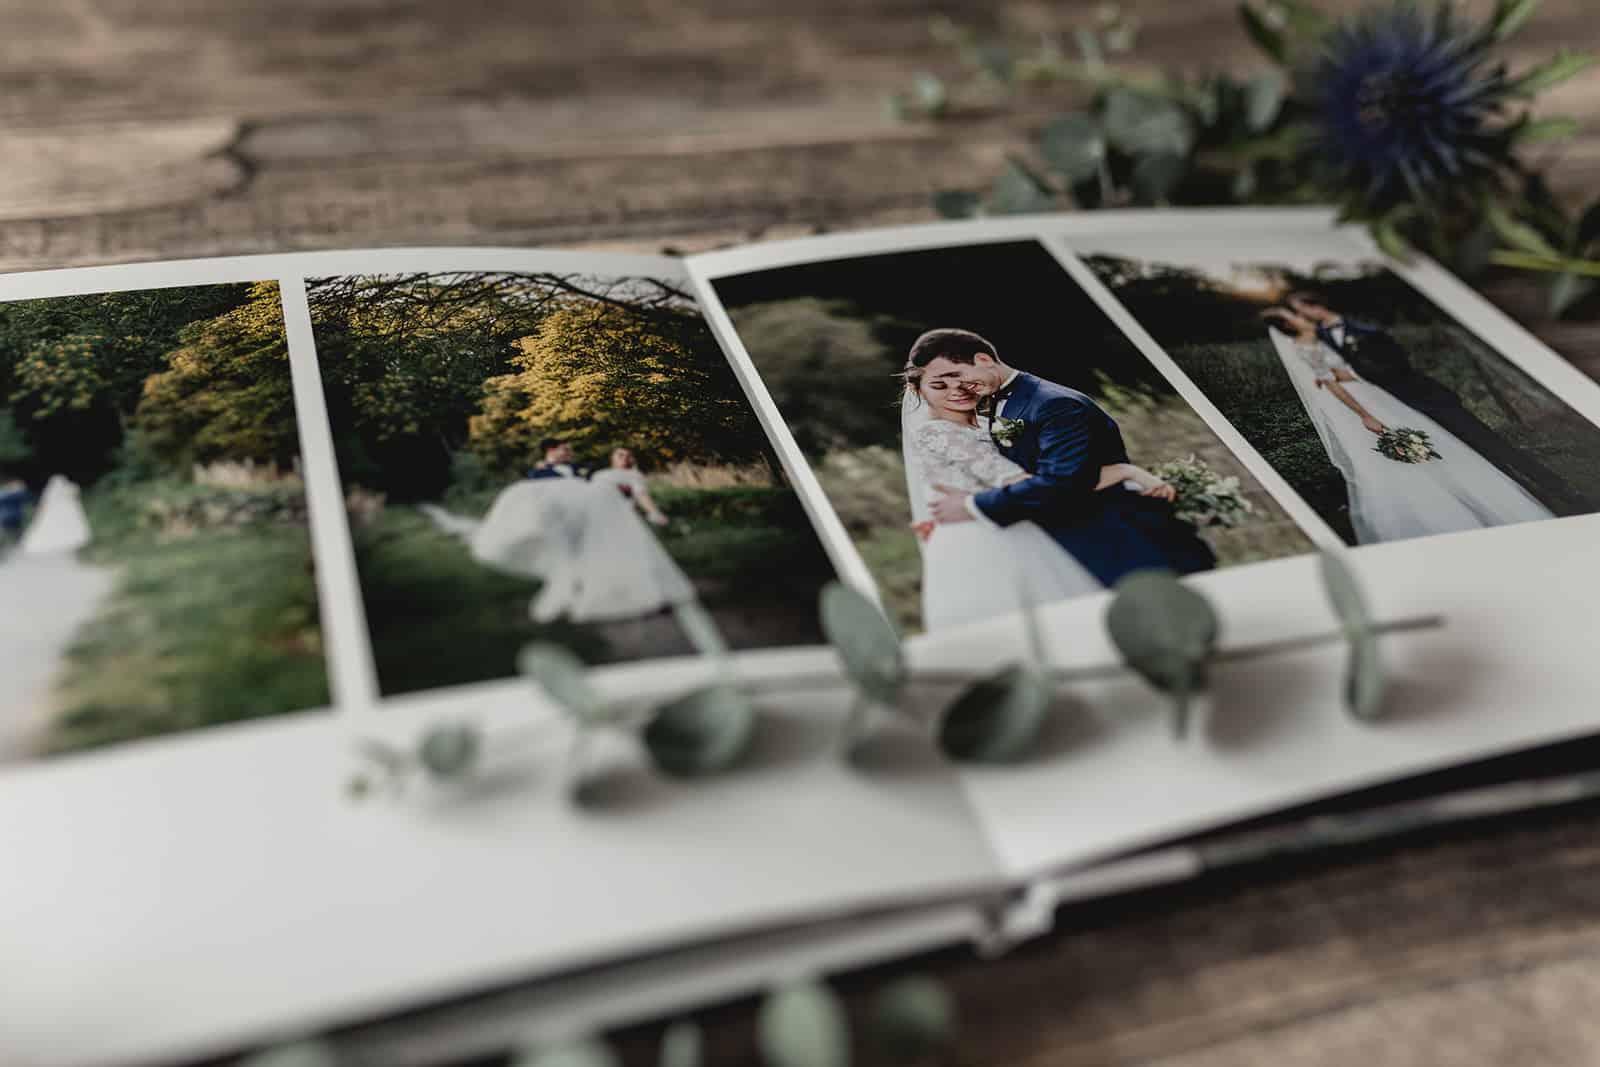 Tania-Flores-Hochzeitsfotografie-Hochzeitsbox-Hochzeitsalbum-3